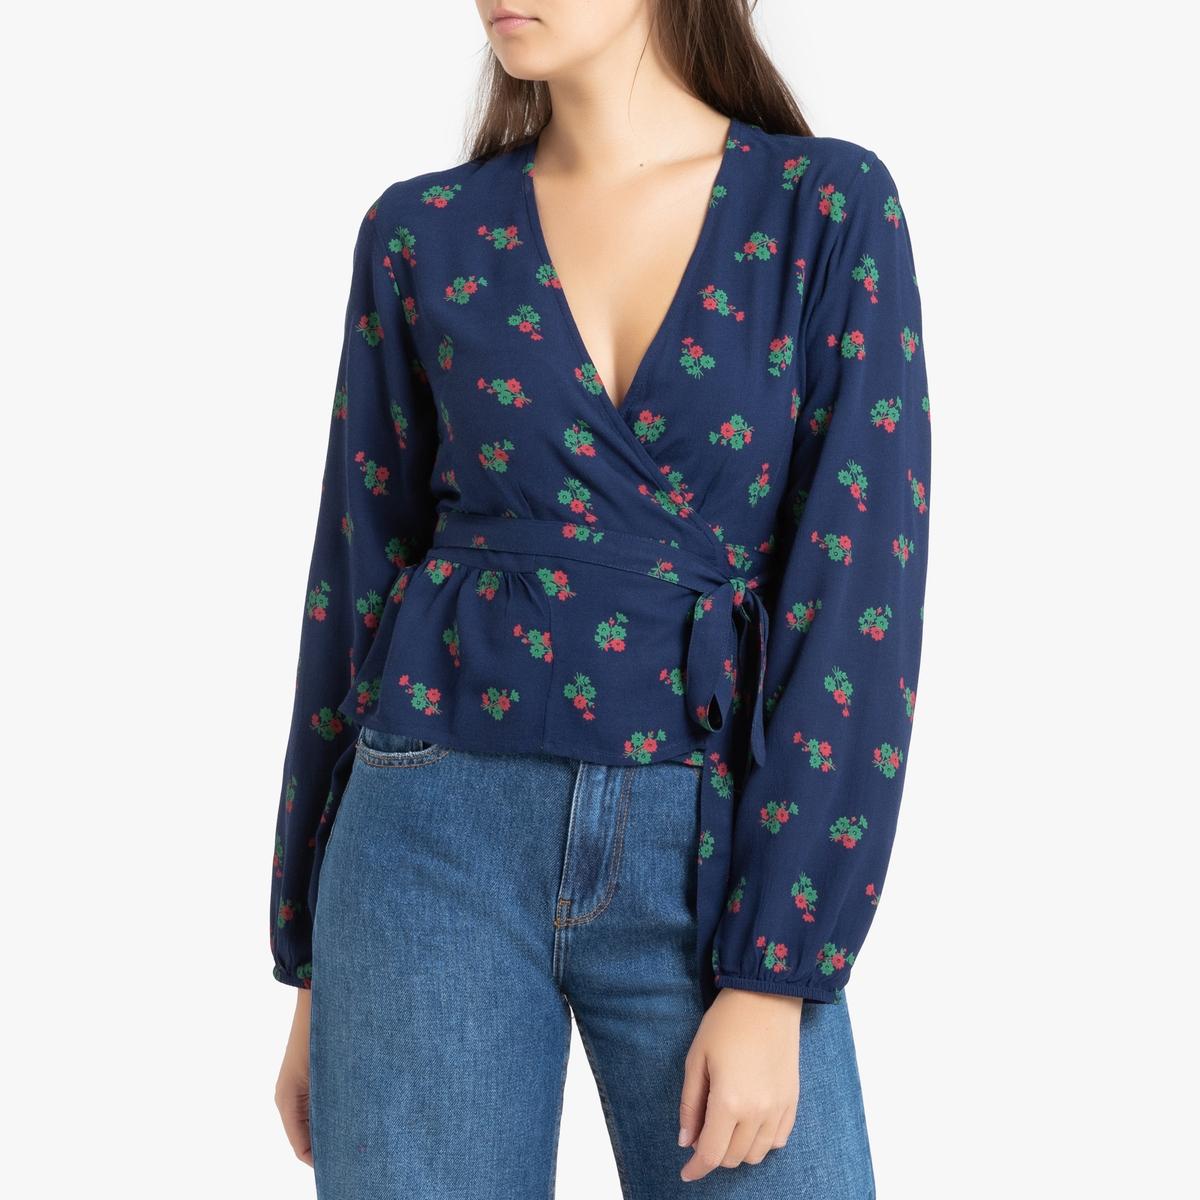 цена Блузка La Redoute С запахом с длинными рукавами CALIOPE XS синий в интернет-магазинах